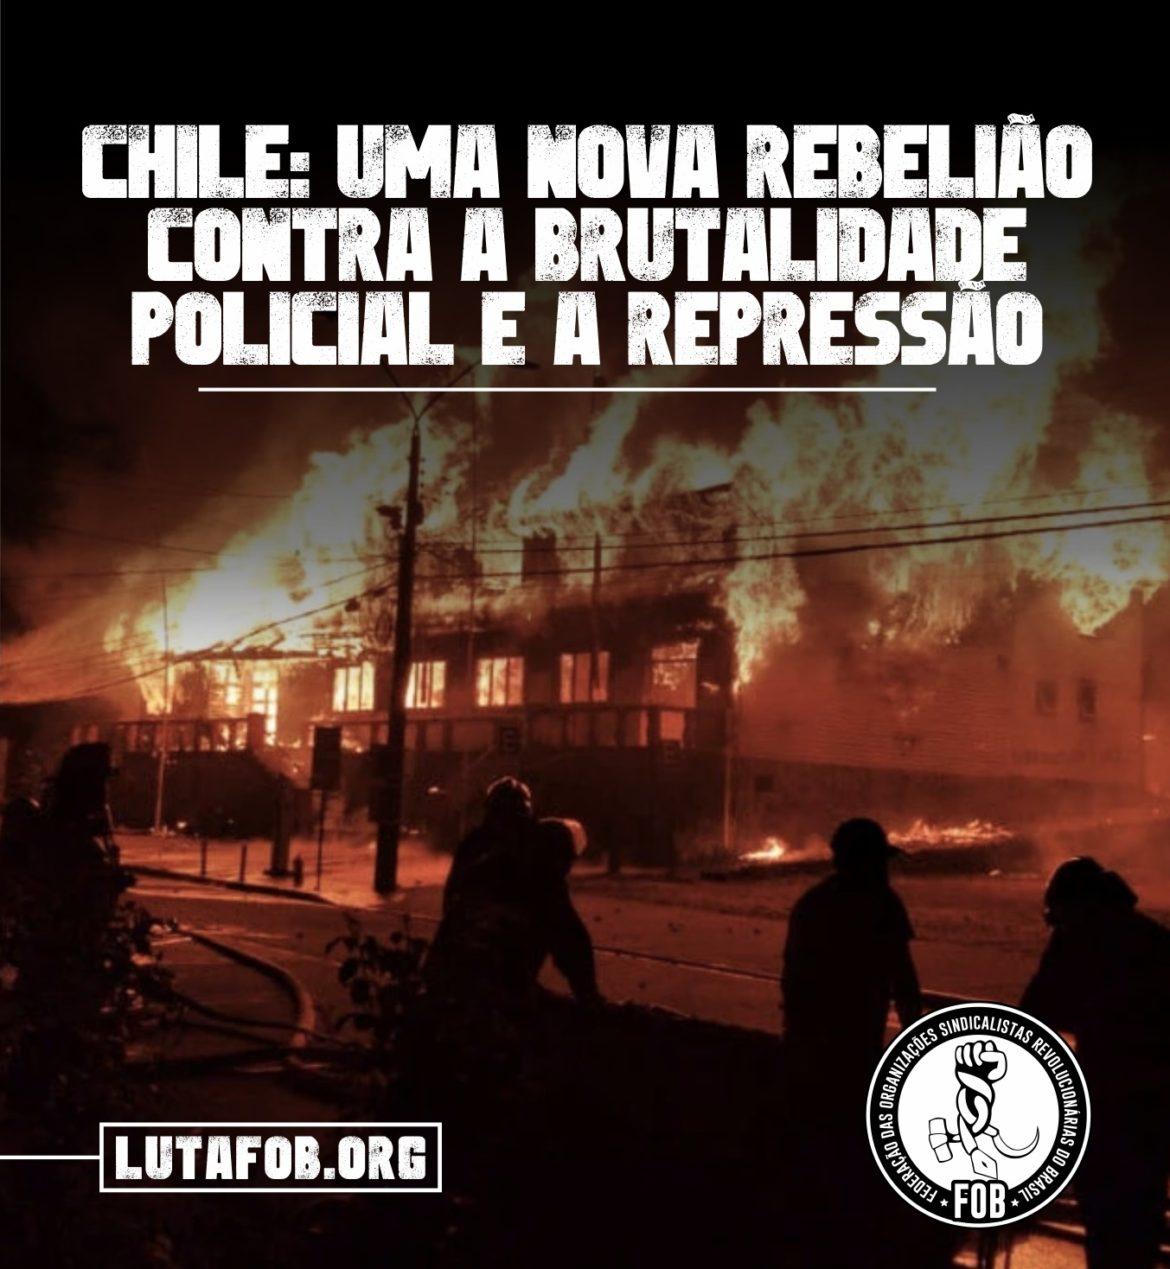 Chile: uma nova rebelião contra a brutalidade policial e a repressão